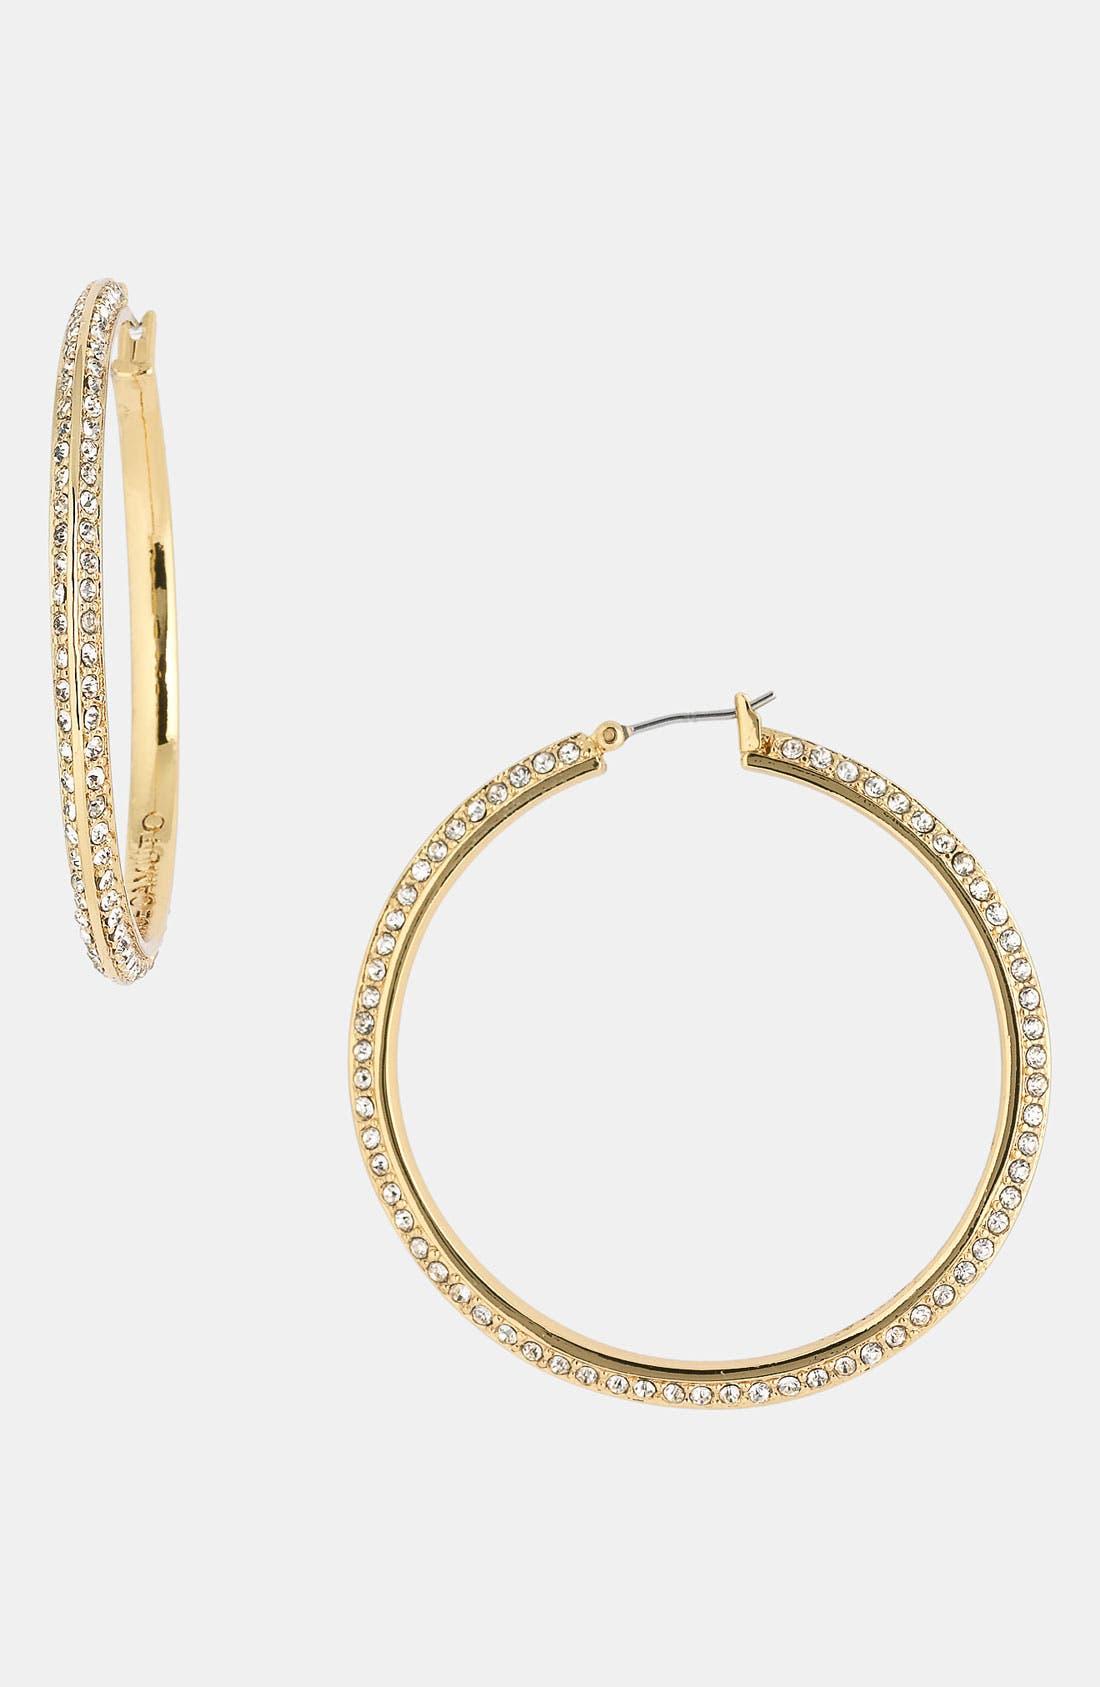 Main Image - Vince Camuto Crystal Hoop Earrings